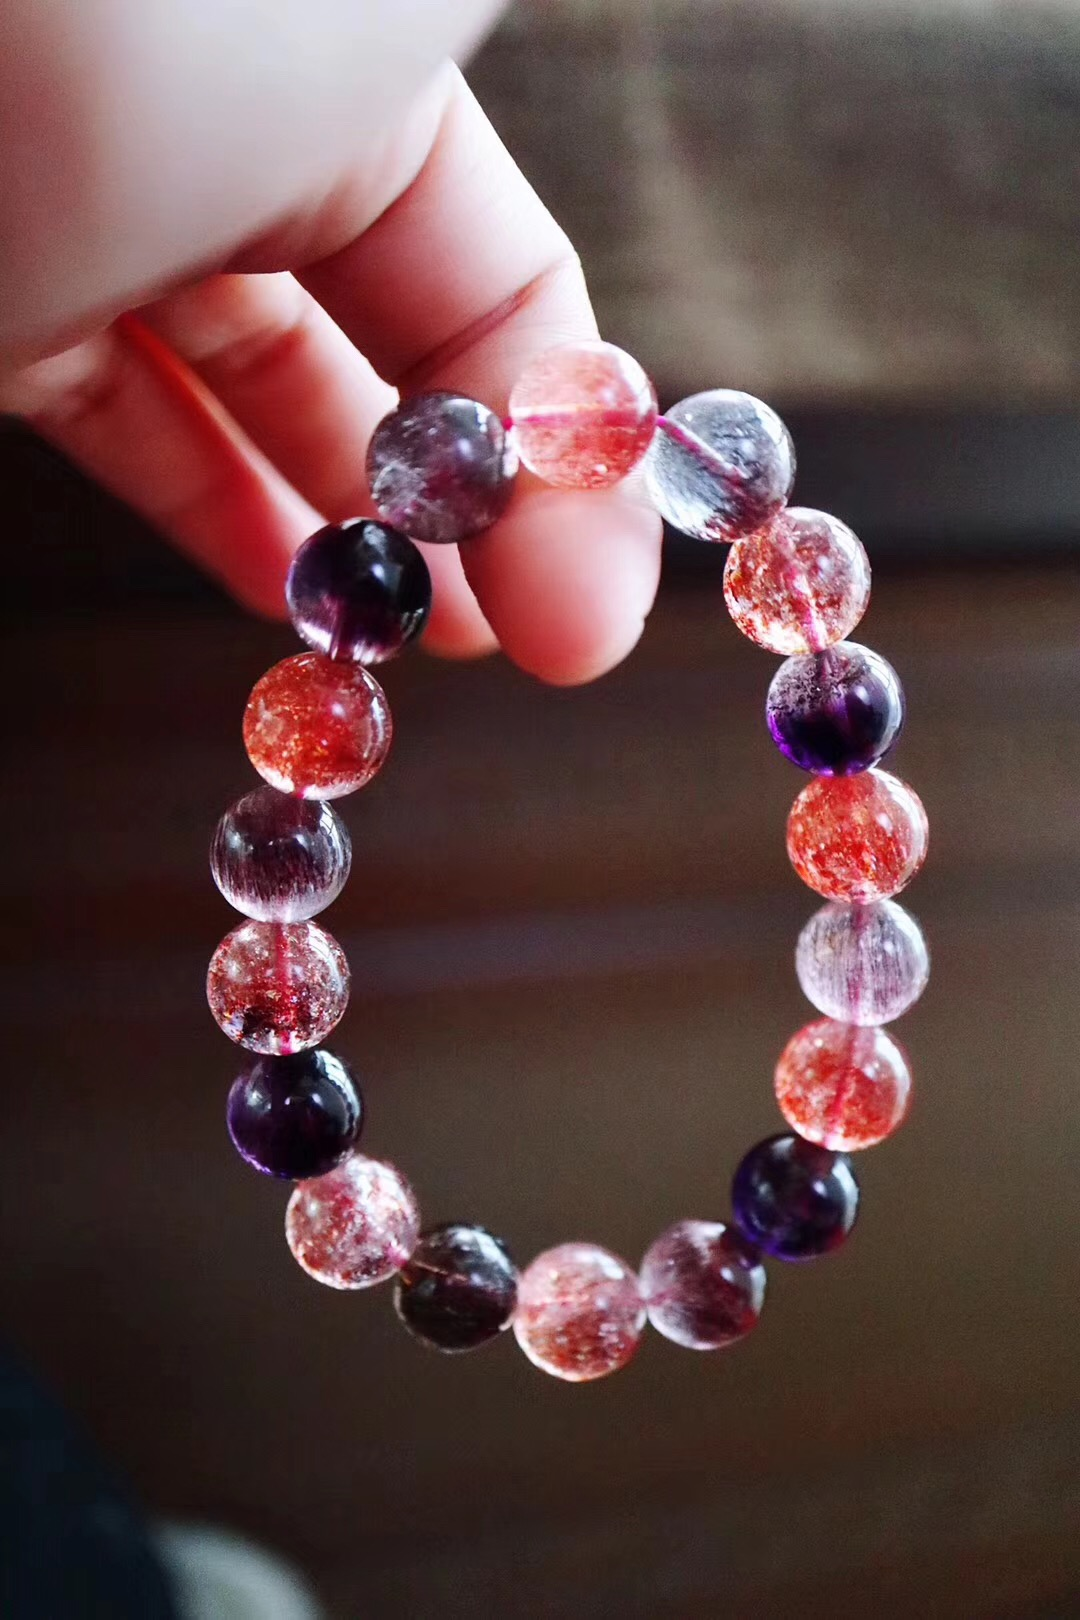 【菩心-超七&紫发晶】超七有着很高的磁场,可以带来很多灵感-菩心晶舍